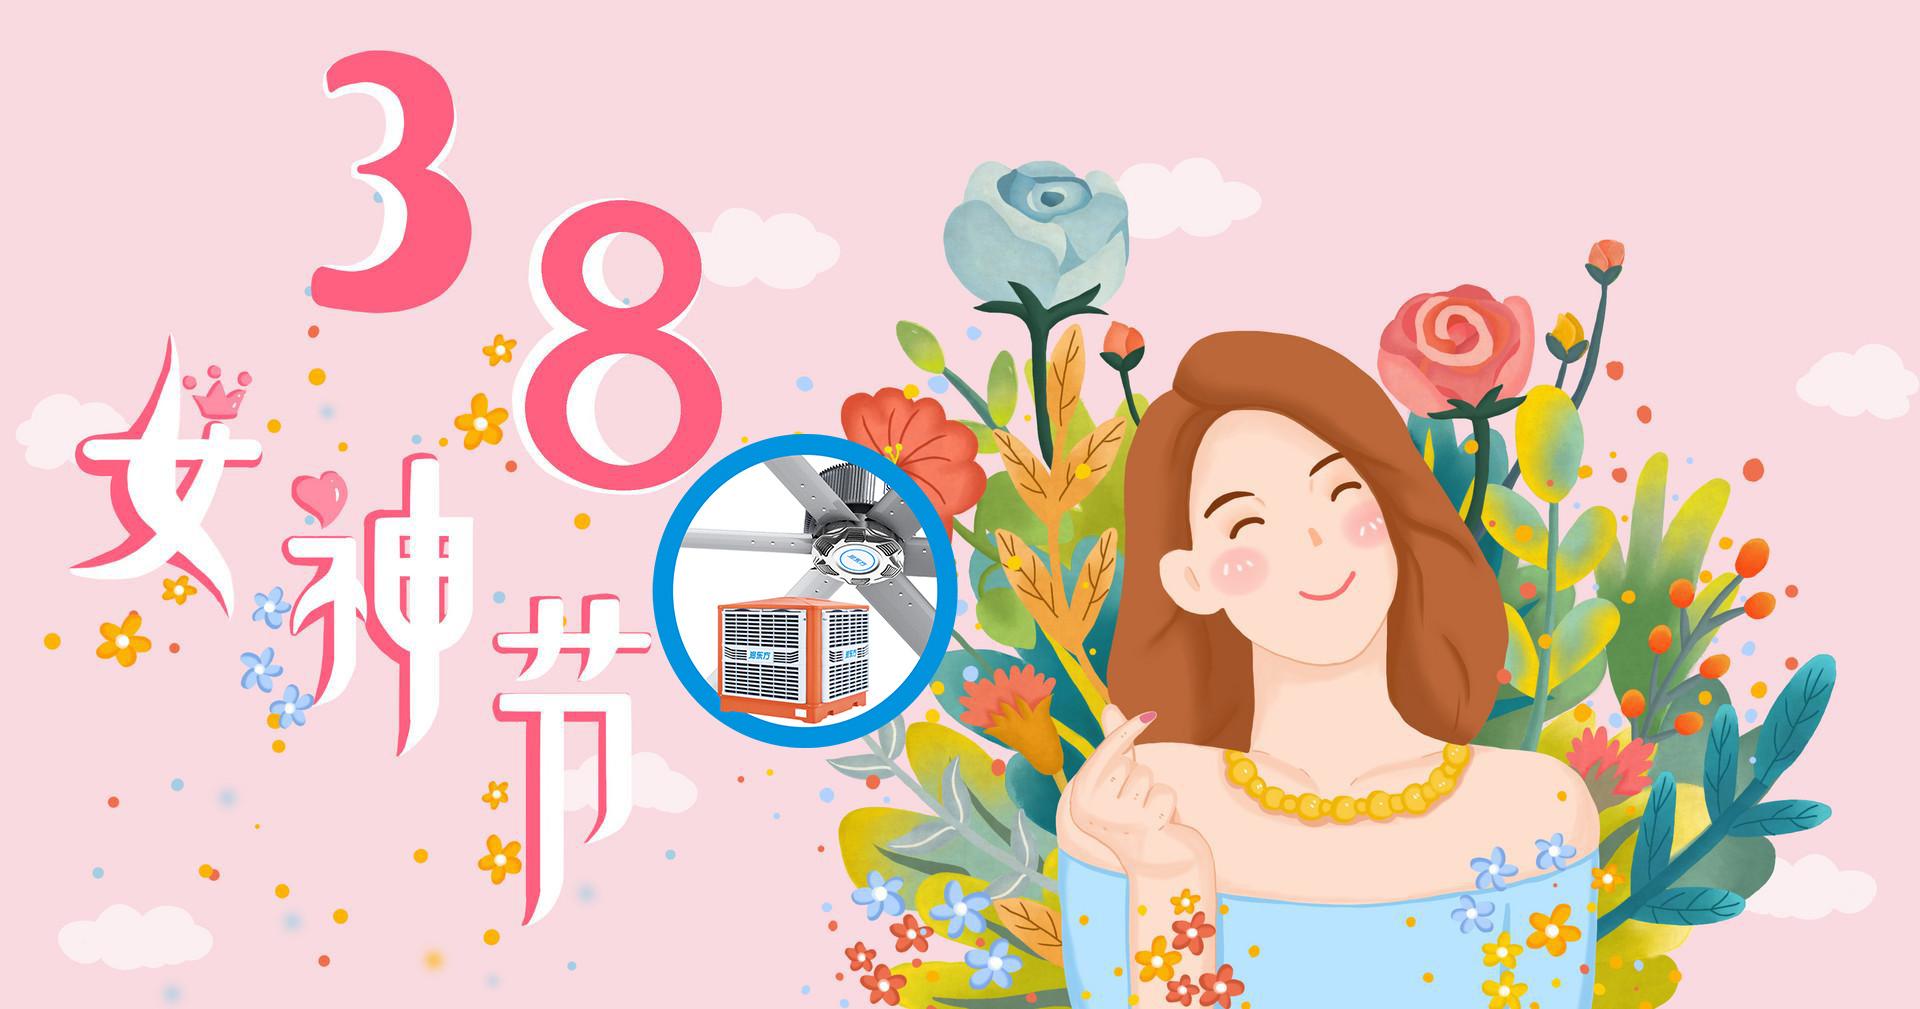 3.8 女神节快乐!愿你芳华自在,笑靥如花